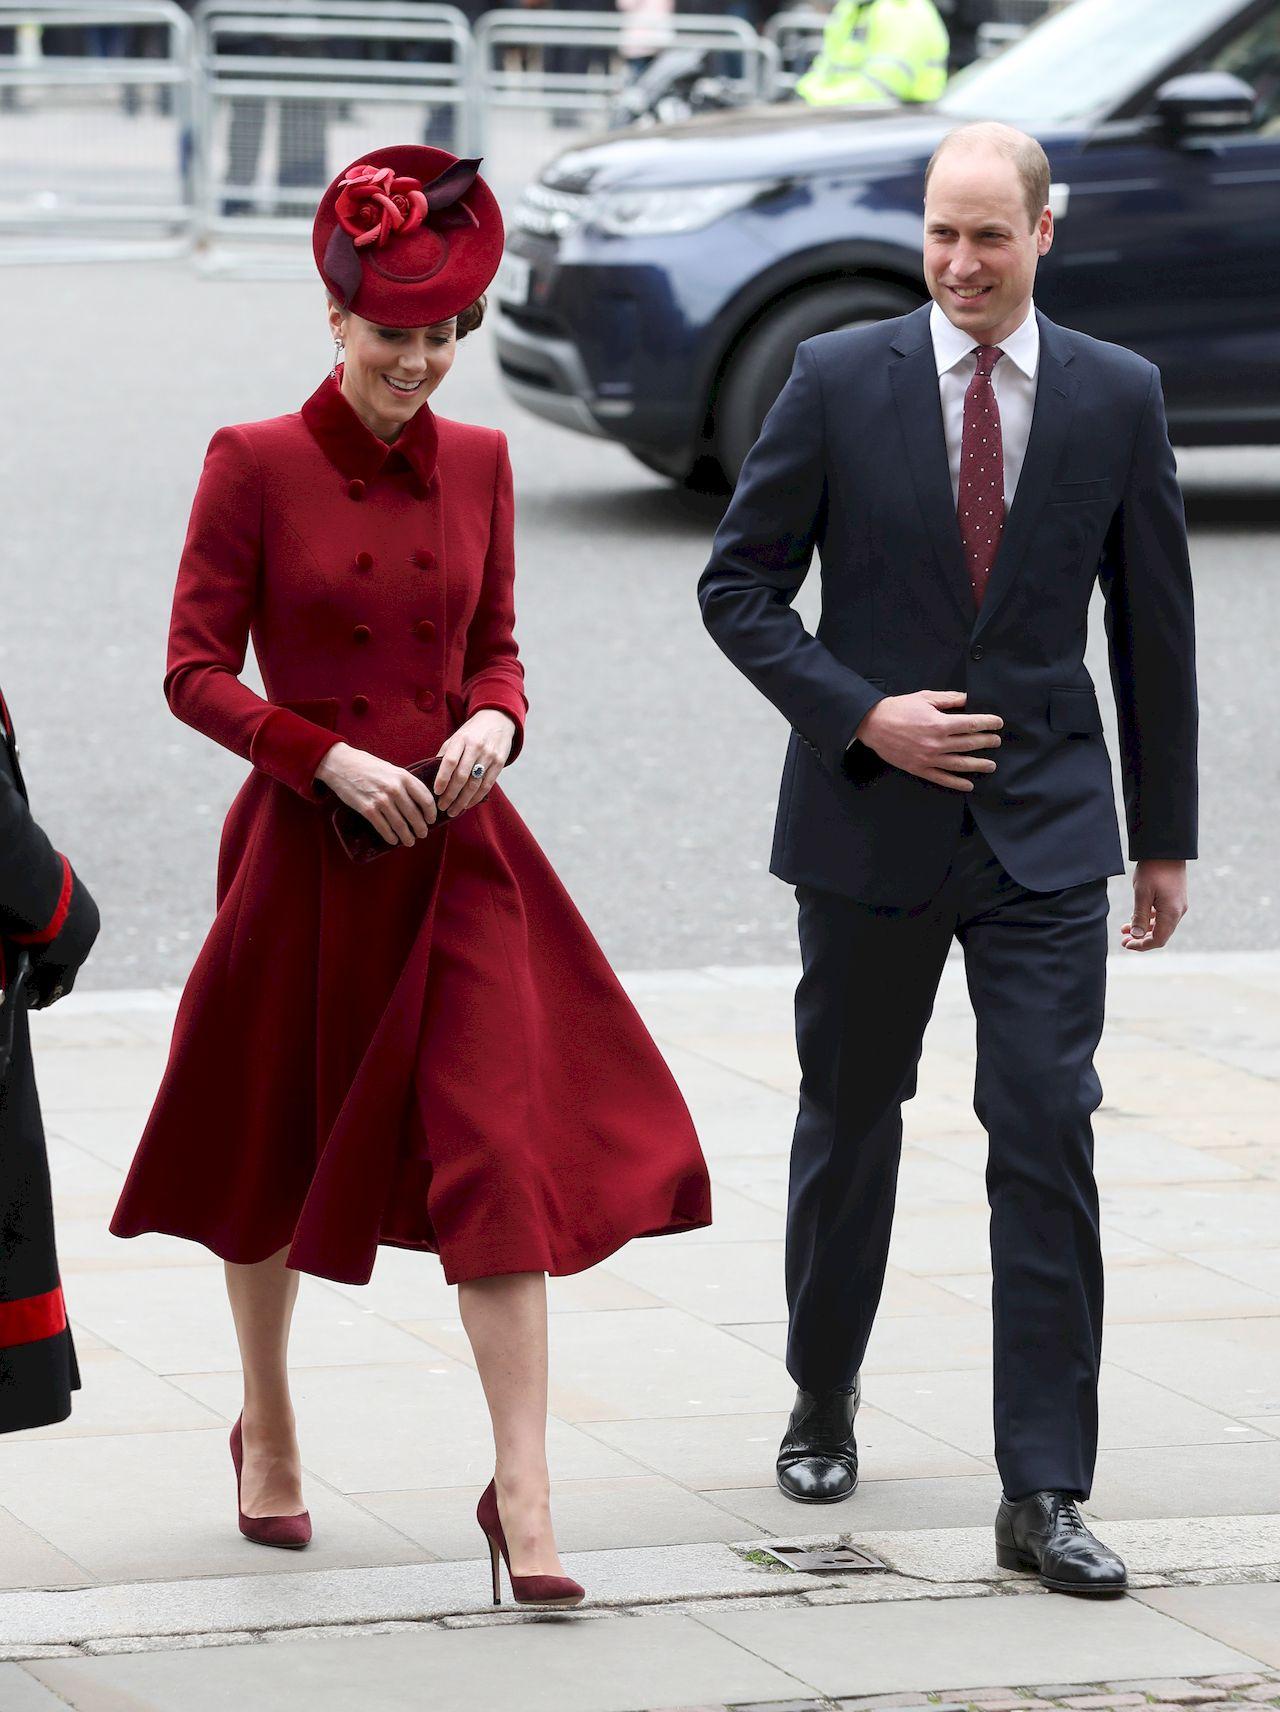 Księżna Kate i książę William w eleganckich strojach